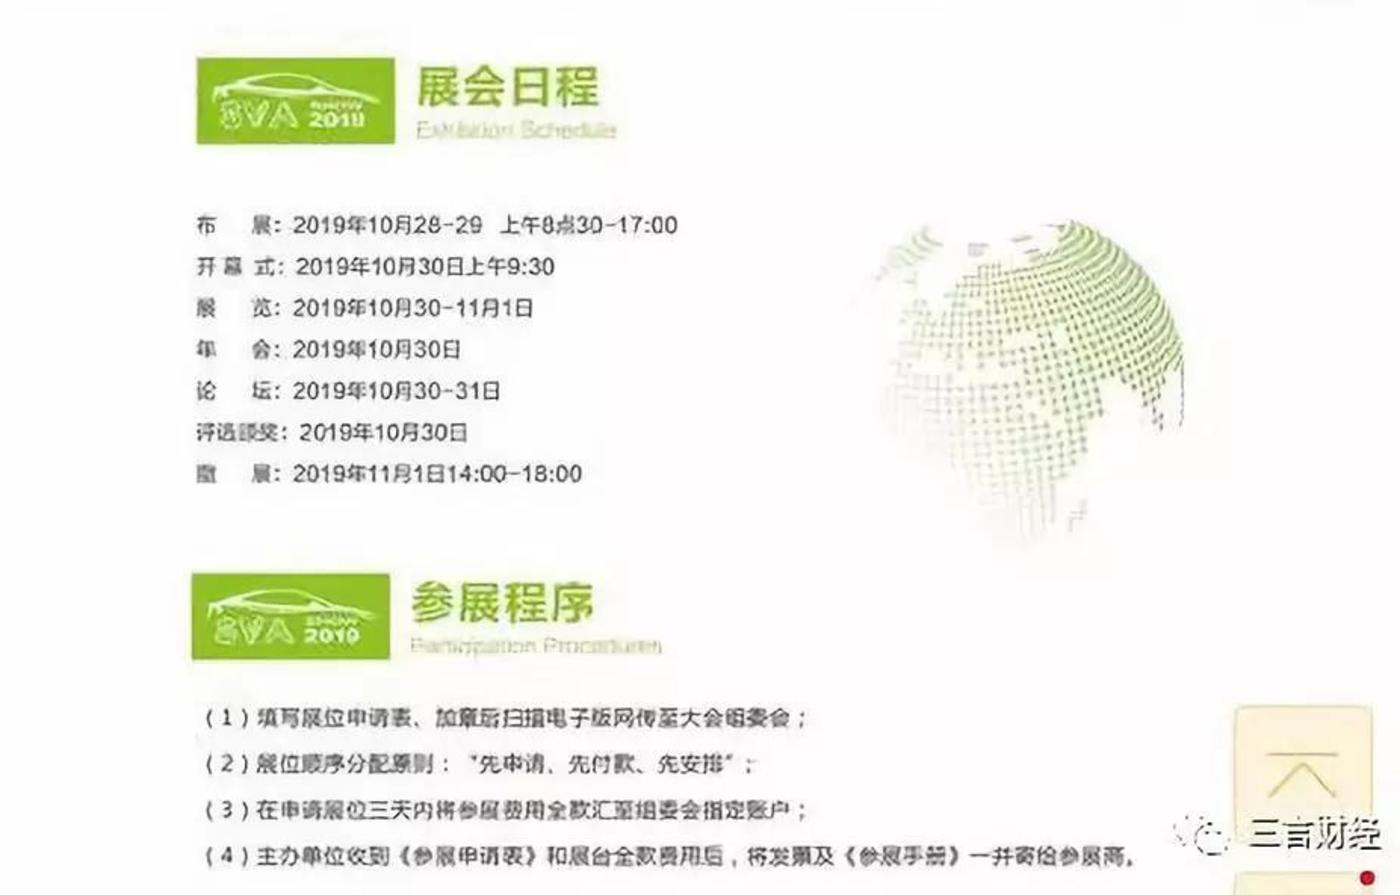 官網顯示的展會日程(目前還未修改日期)